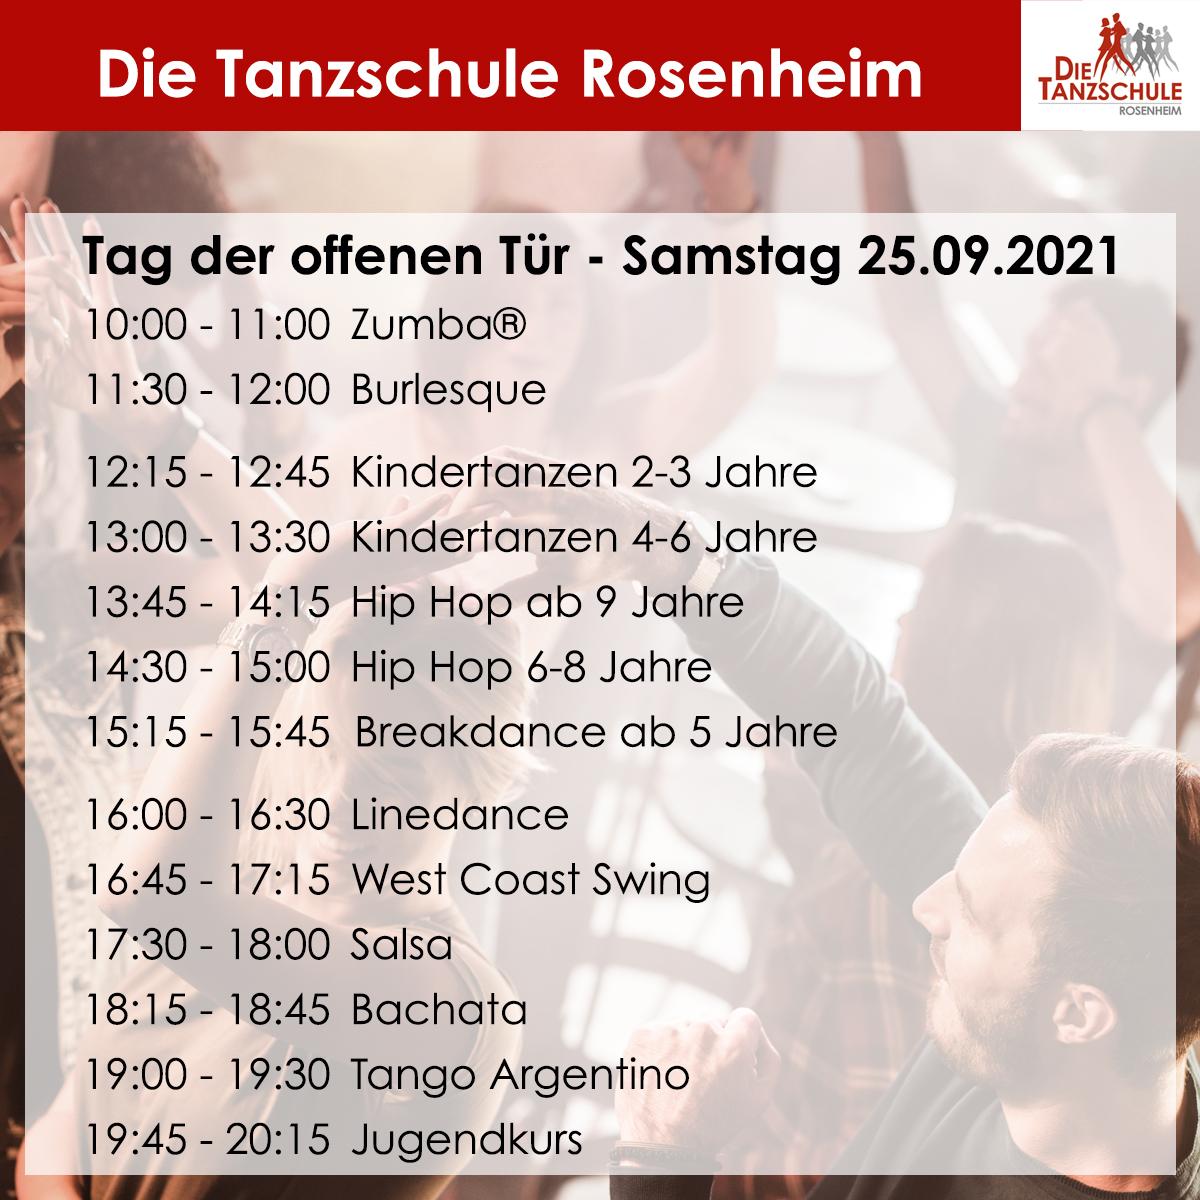 Tanzschule Rosenheim - Tag der offenen Tür